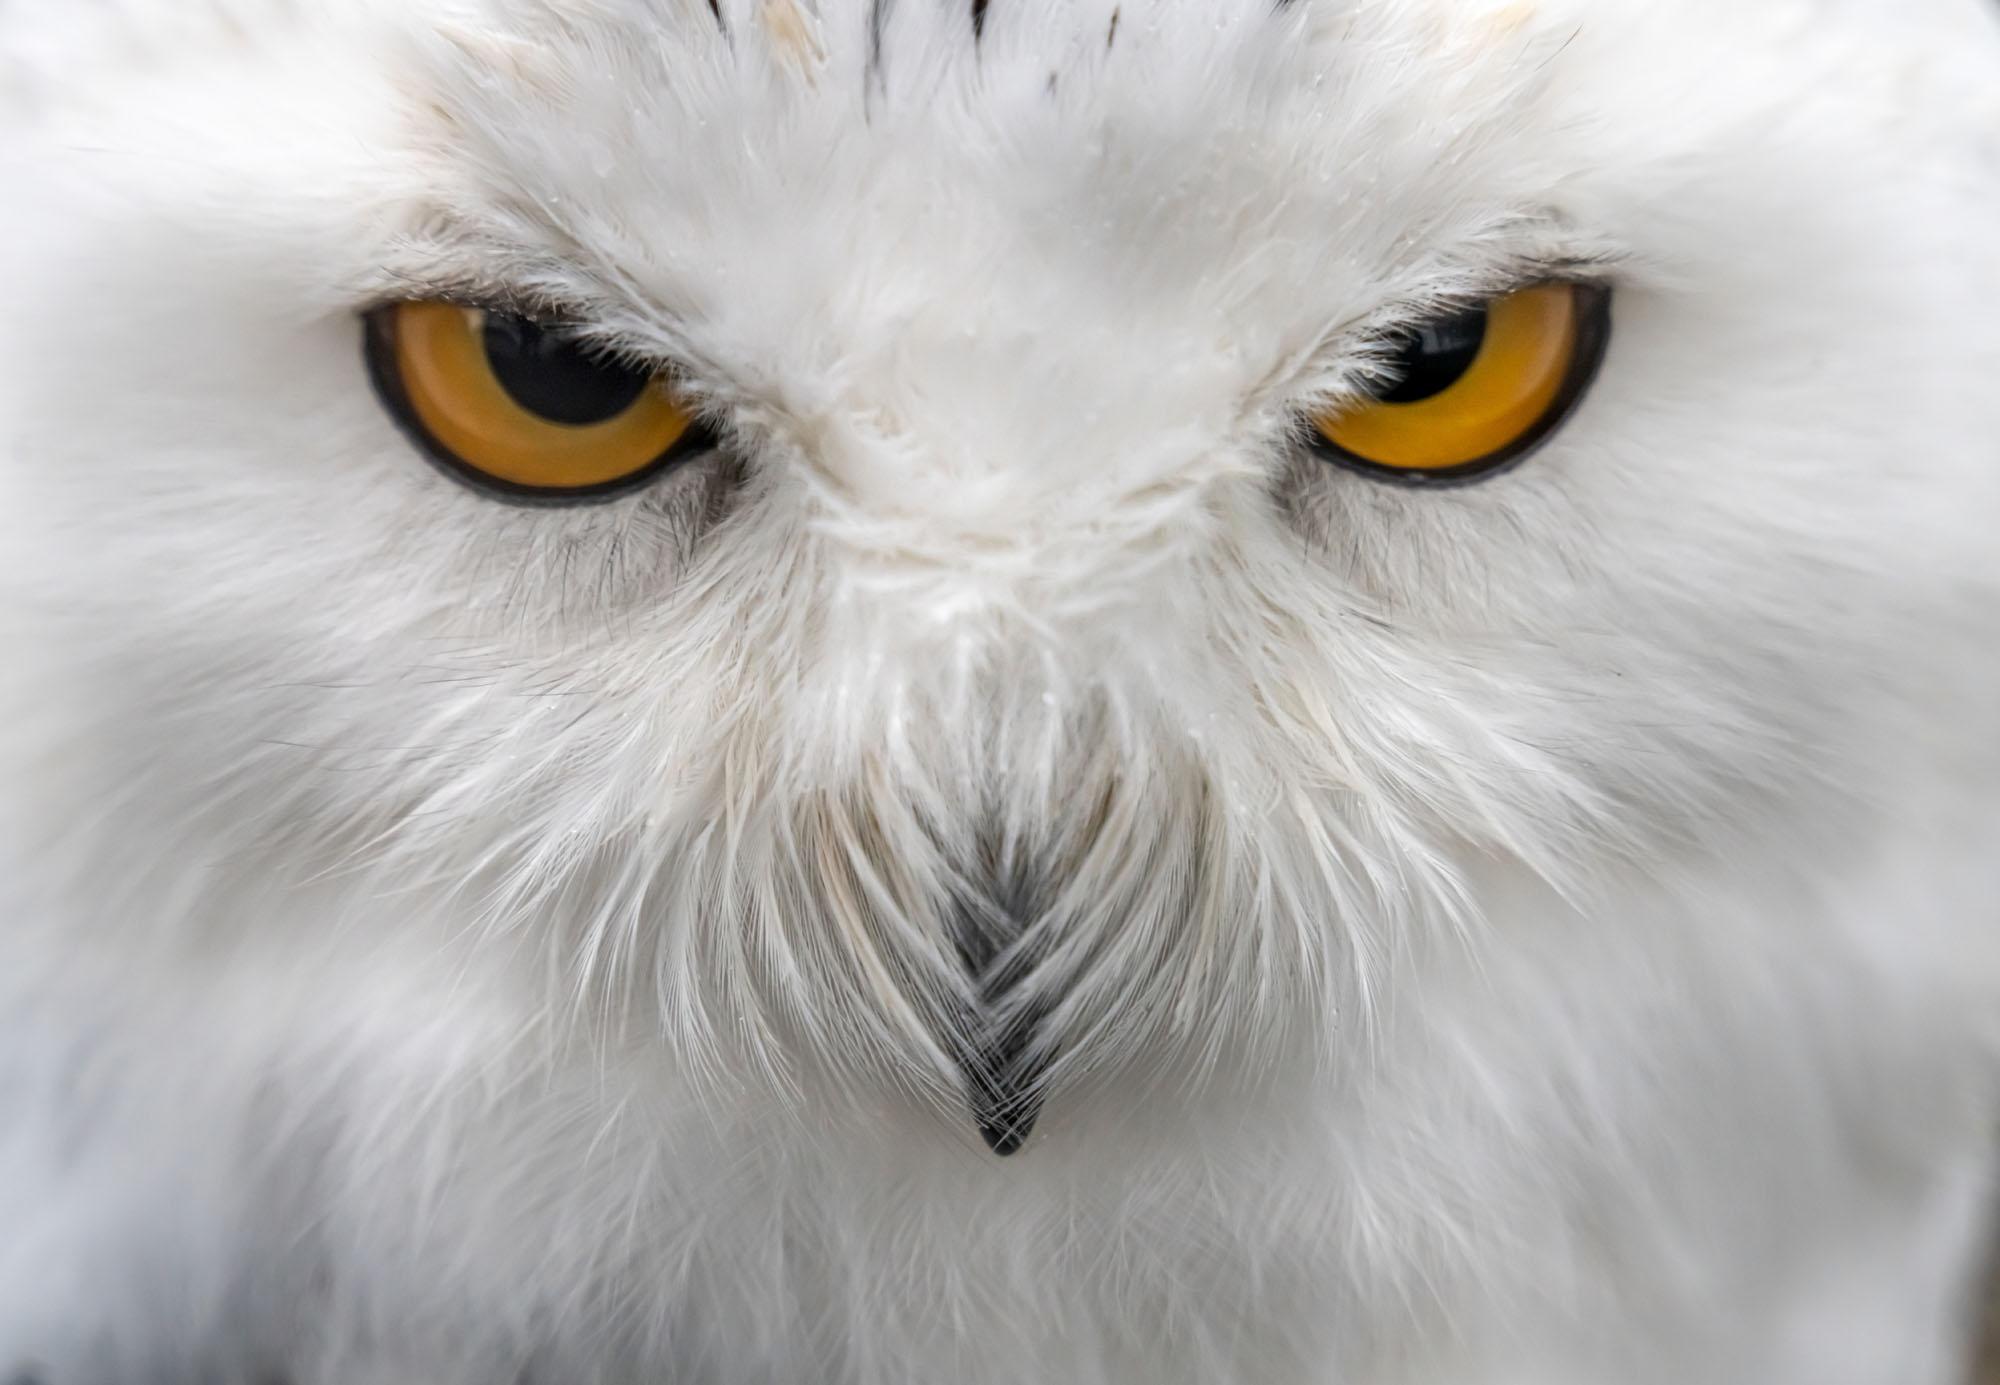 Photos: Superb Owl Sunday V - The Atlantic